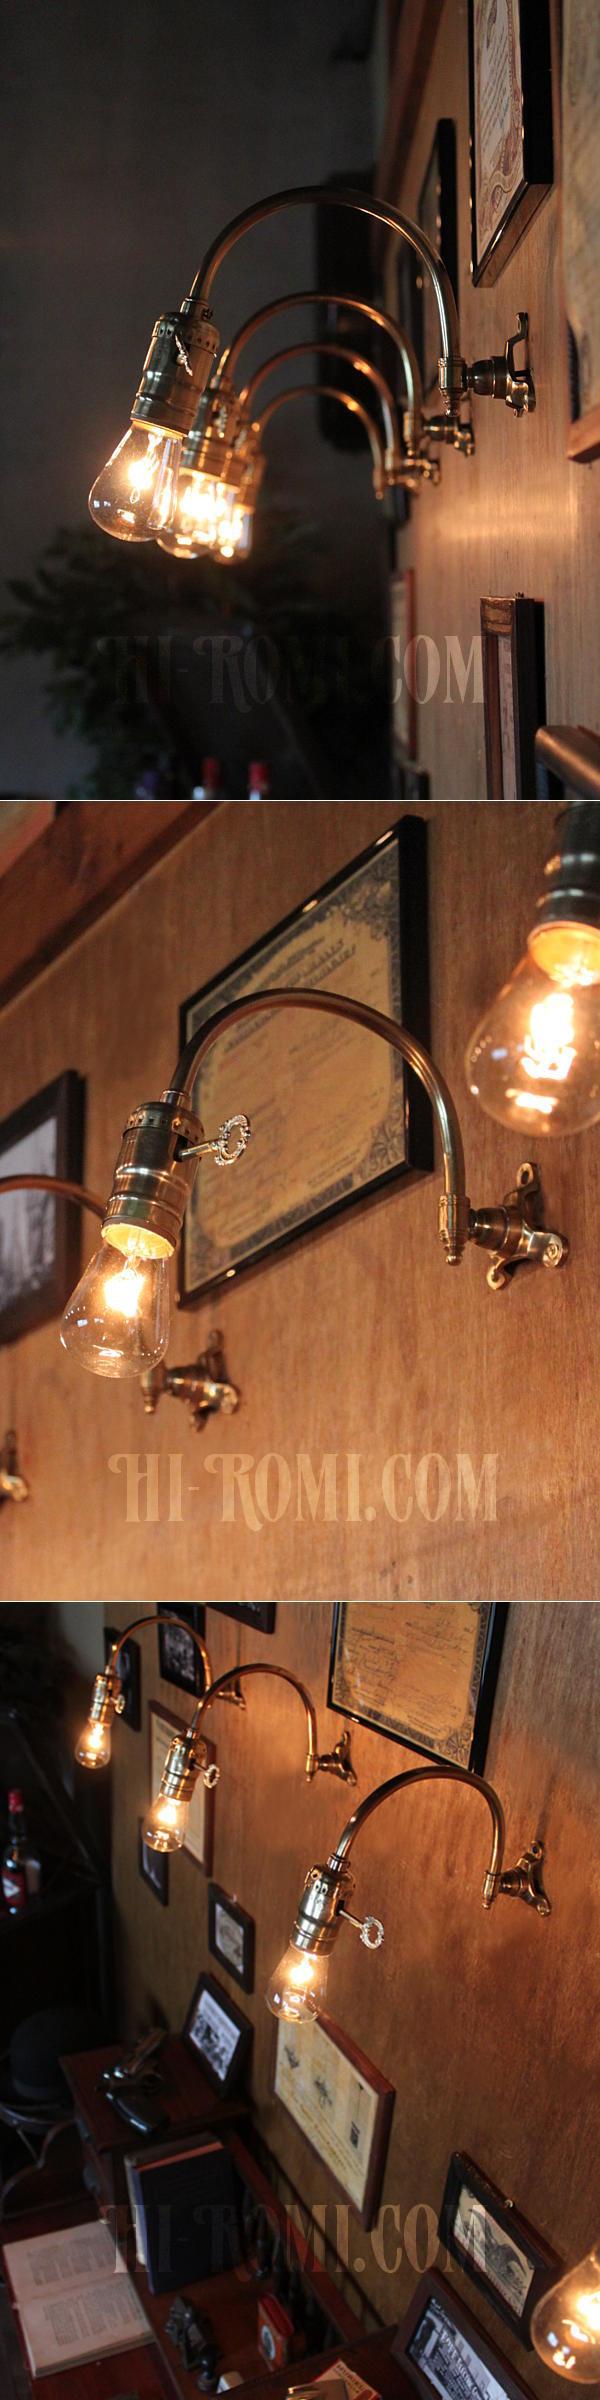 USAヴィンテージ工業系湾曲アーム真鍮ブラケットA/インダストリアル照明壁掛けランプ